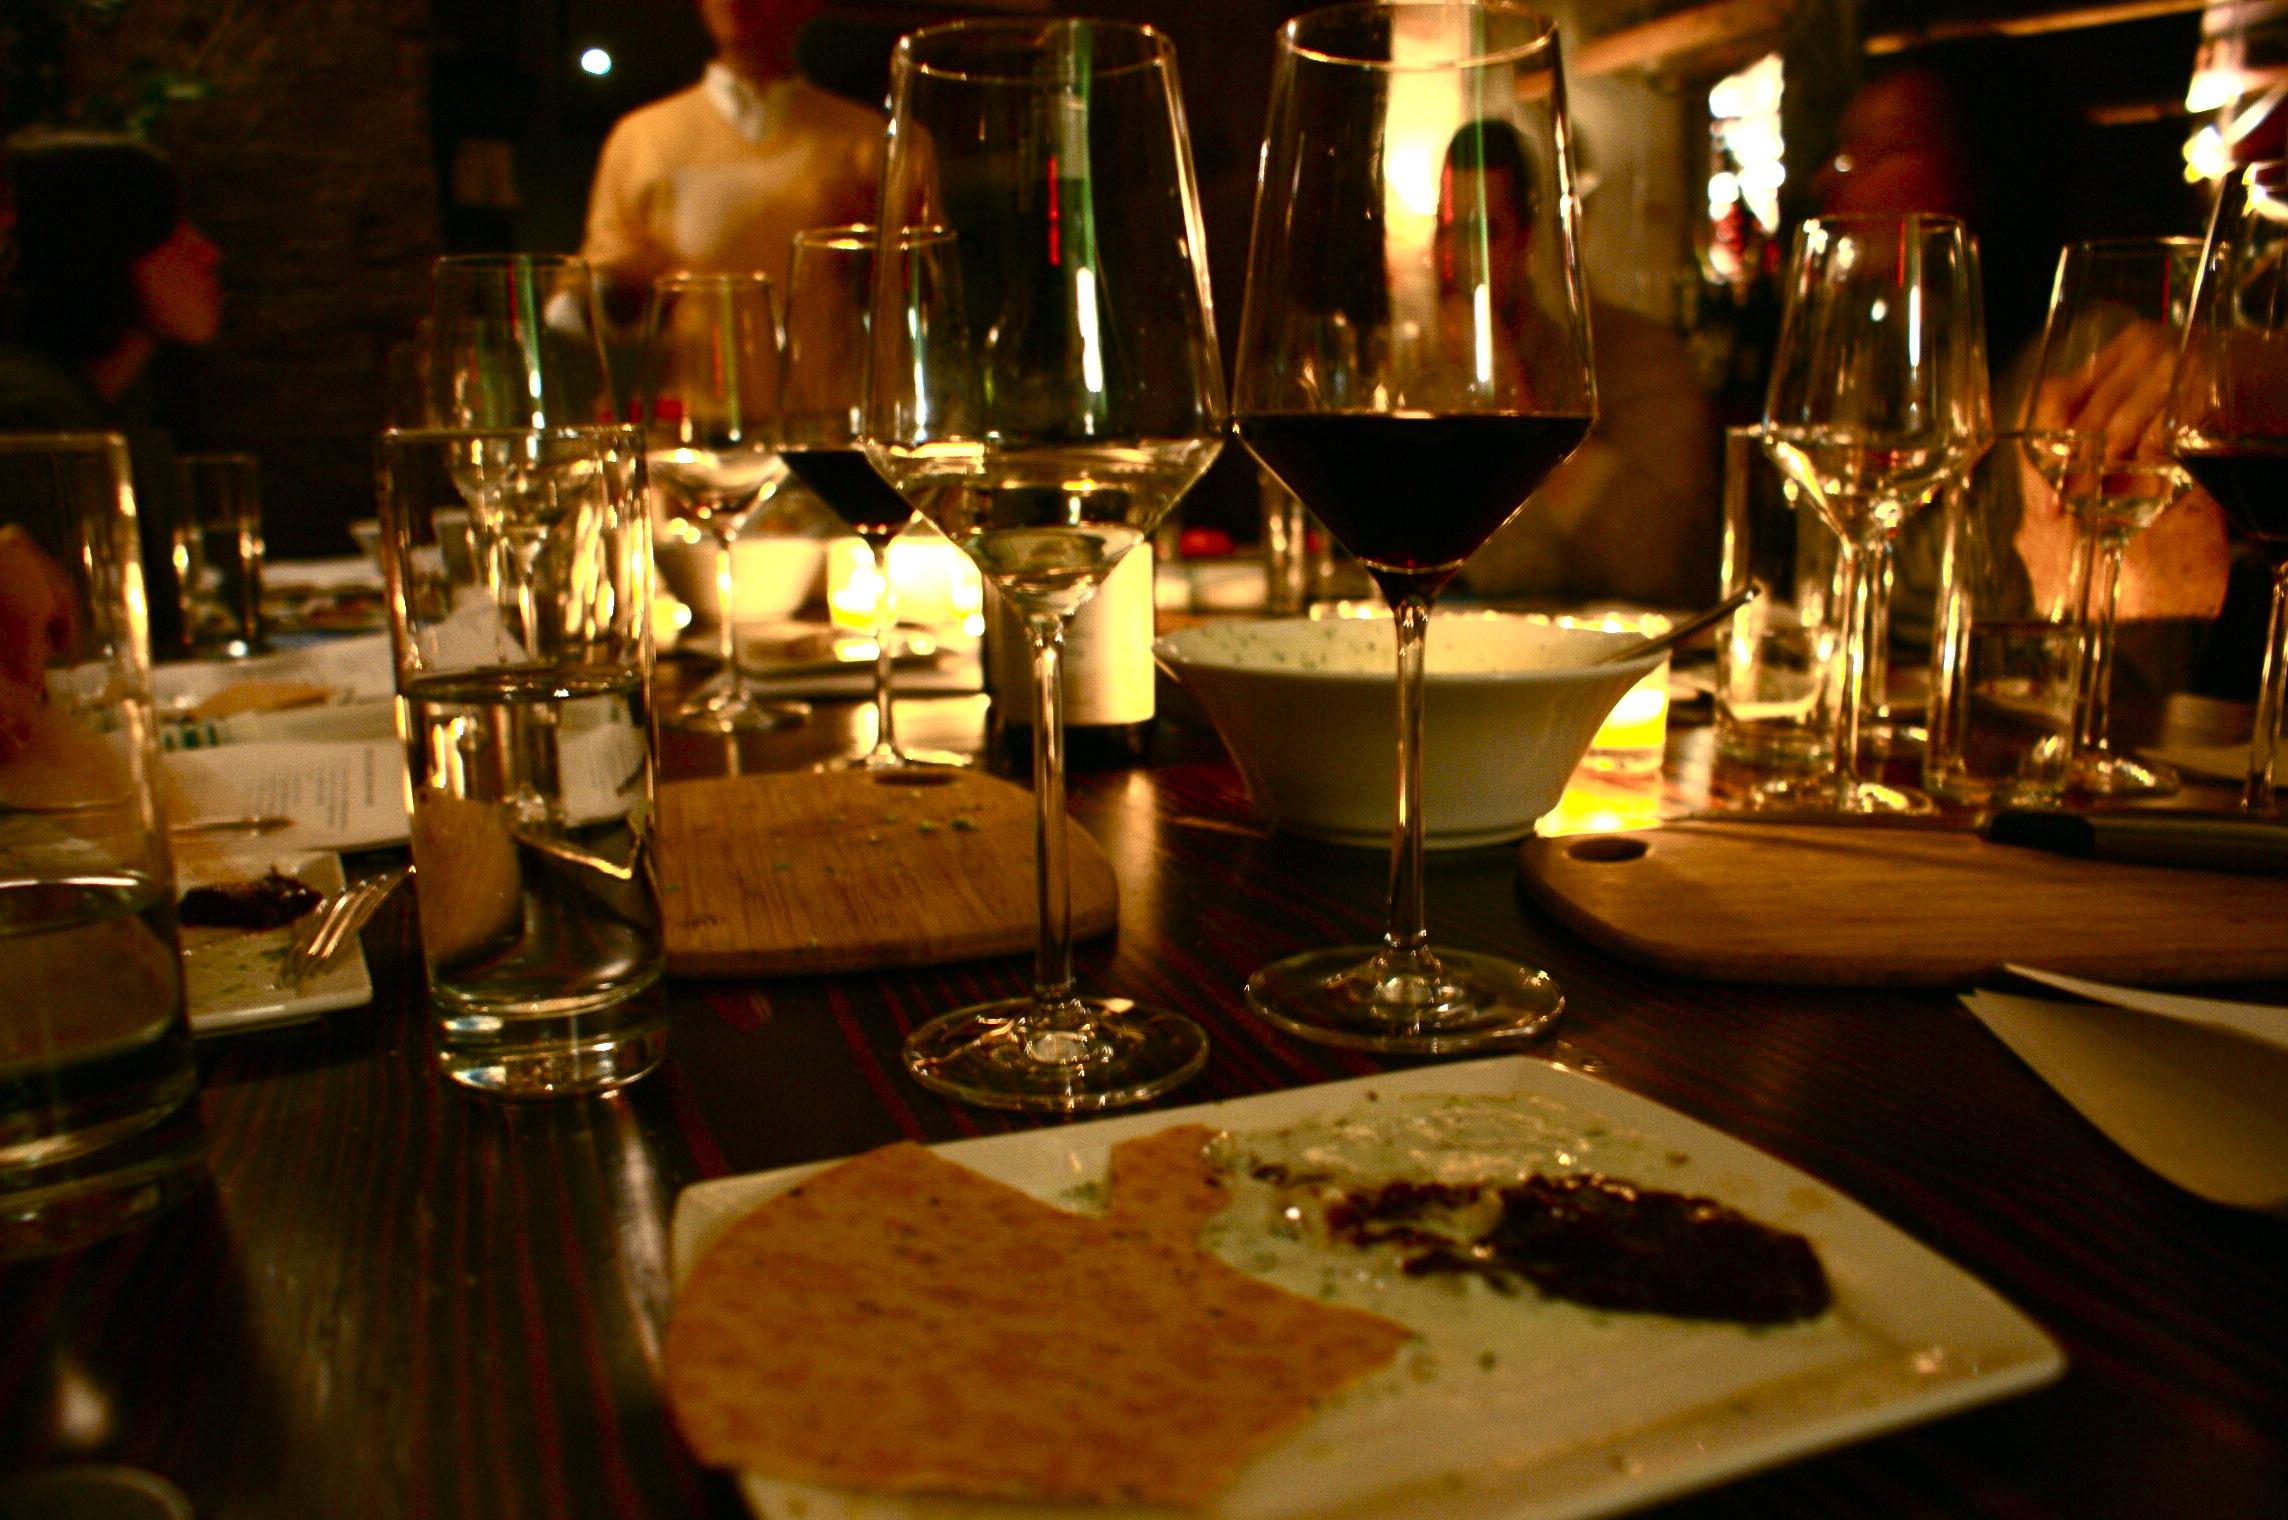 Las 25 ideas para citas rom nticas con tu pareja - Noche romantica en casa ideas ...